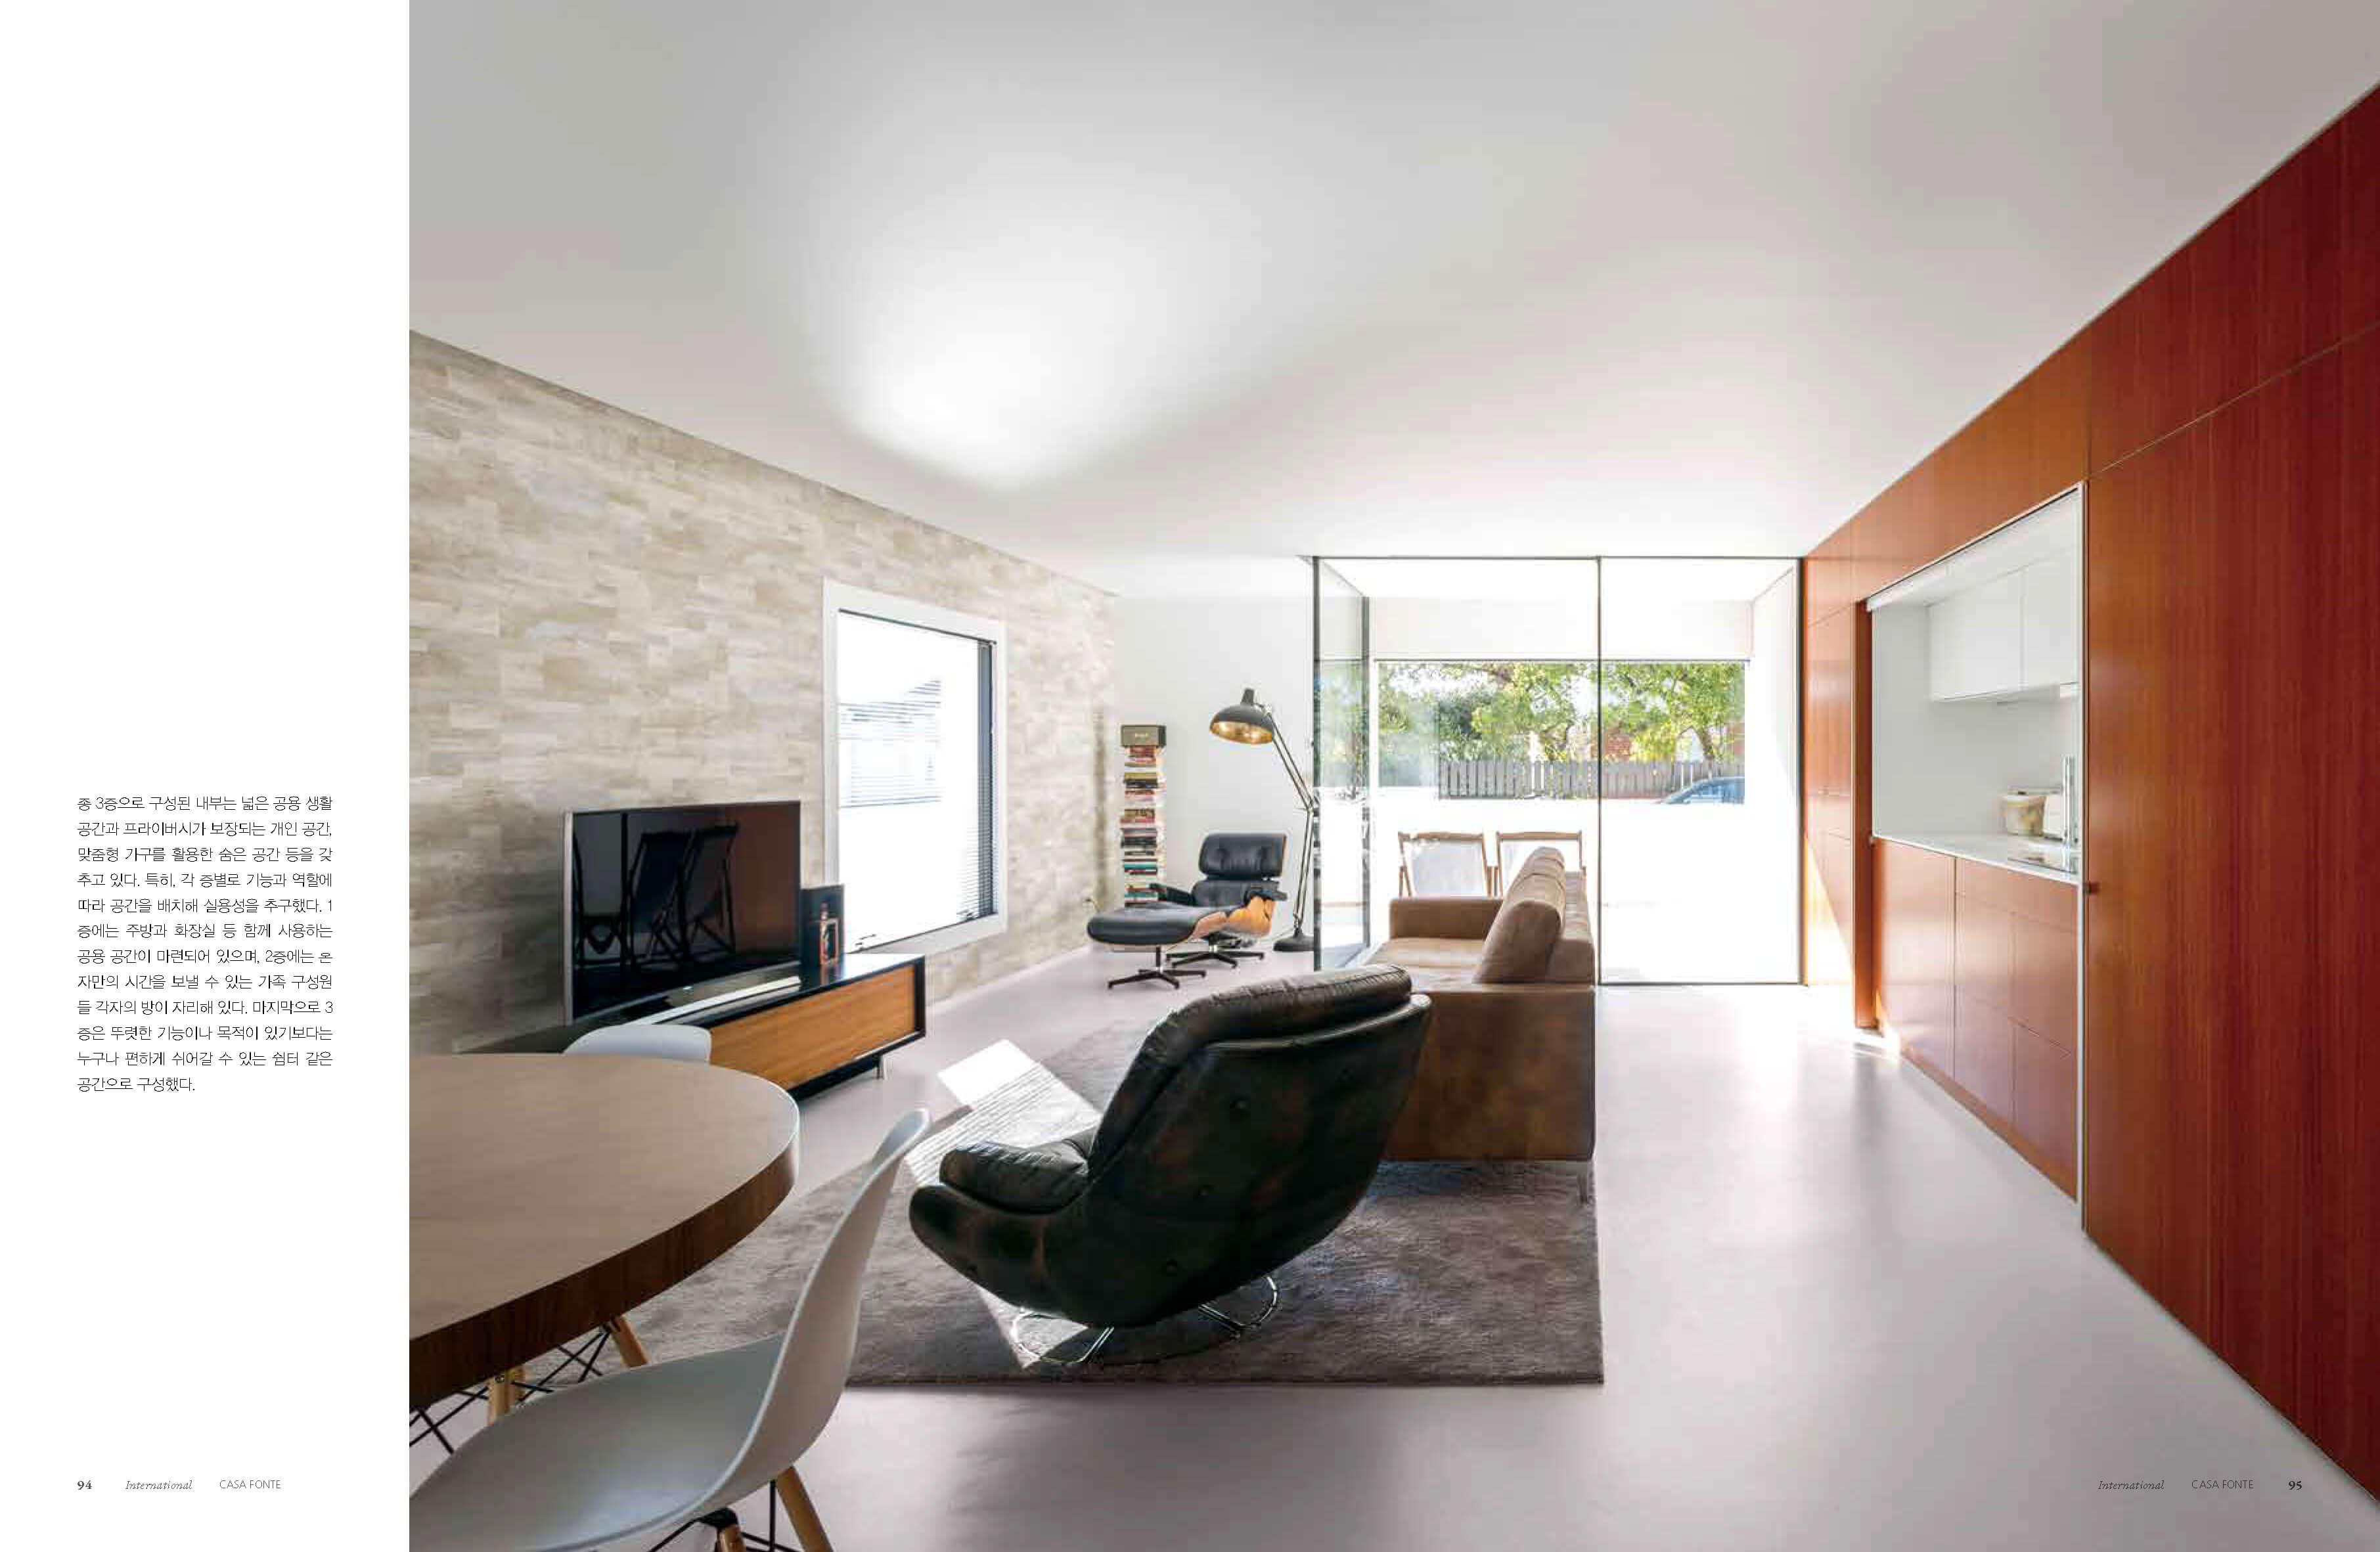 Deco Jornal Revista Arquitetura Lousinha Arquitectos Página 3 do fotografo Ivo Tavares Studio